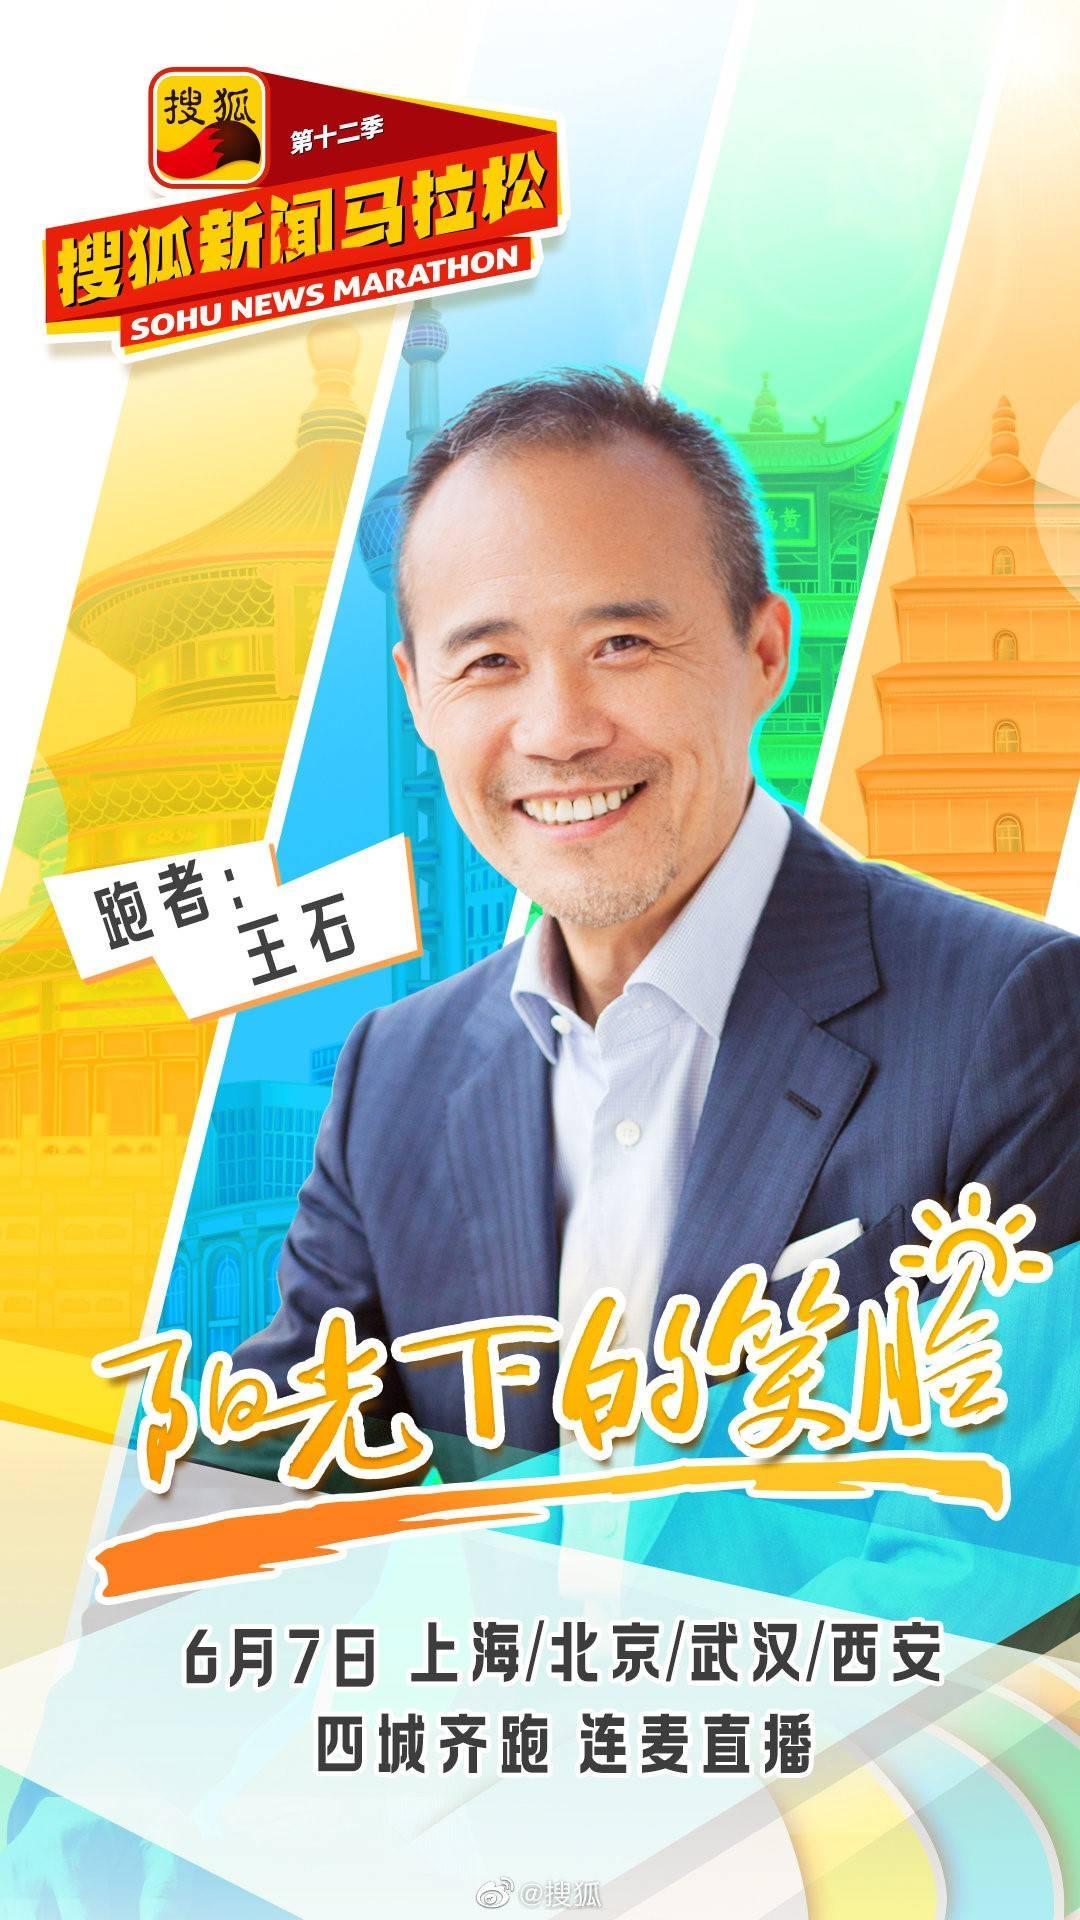 """""""铁人""""张定宇将现身""""搜狐新闻马拉松""""为复工复产提振信心"""